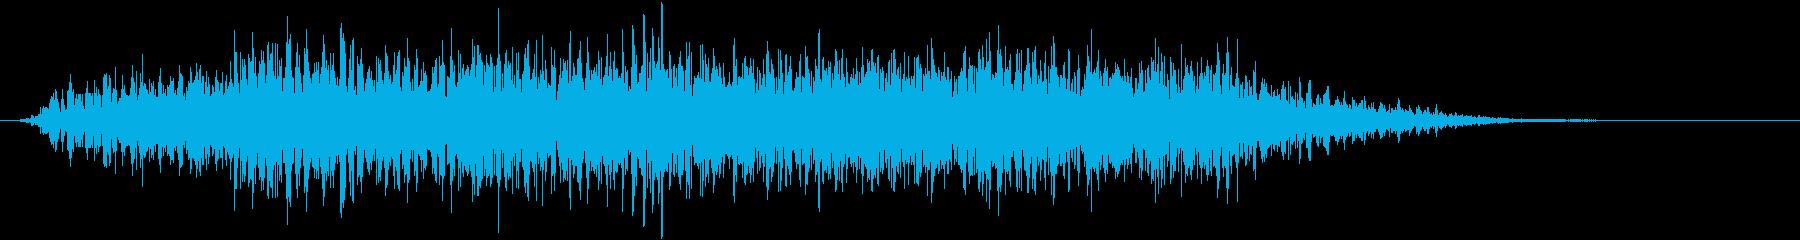 悪魔・怪物の不気味な声の再生済みの波形